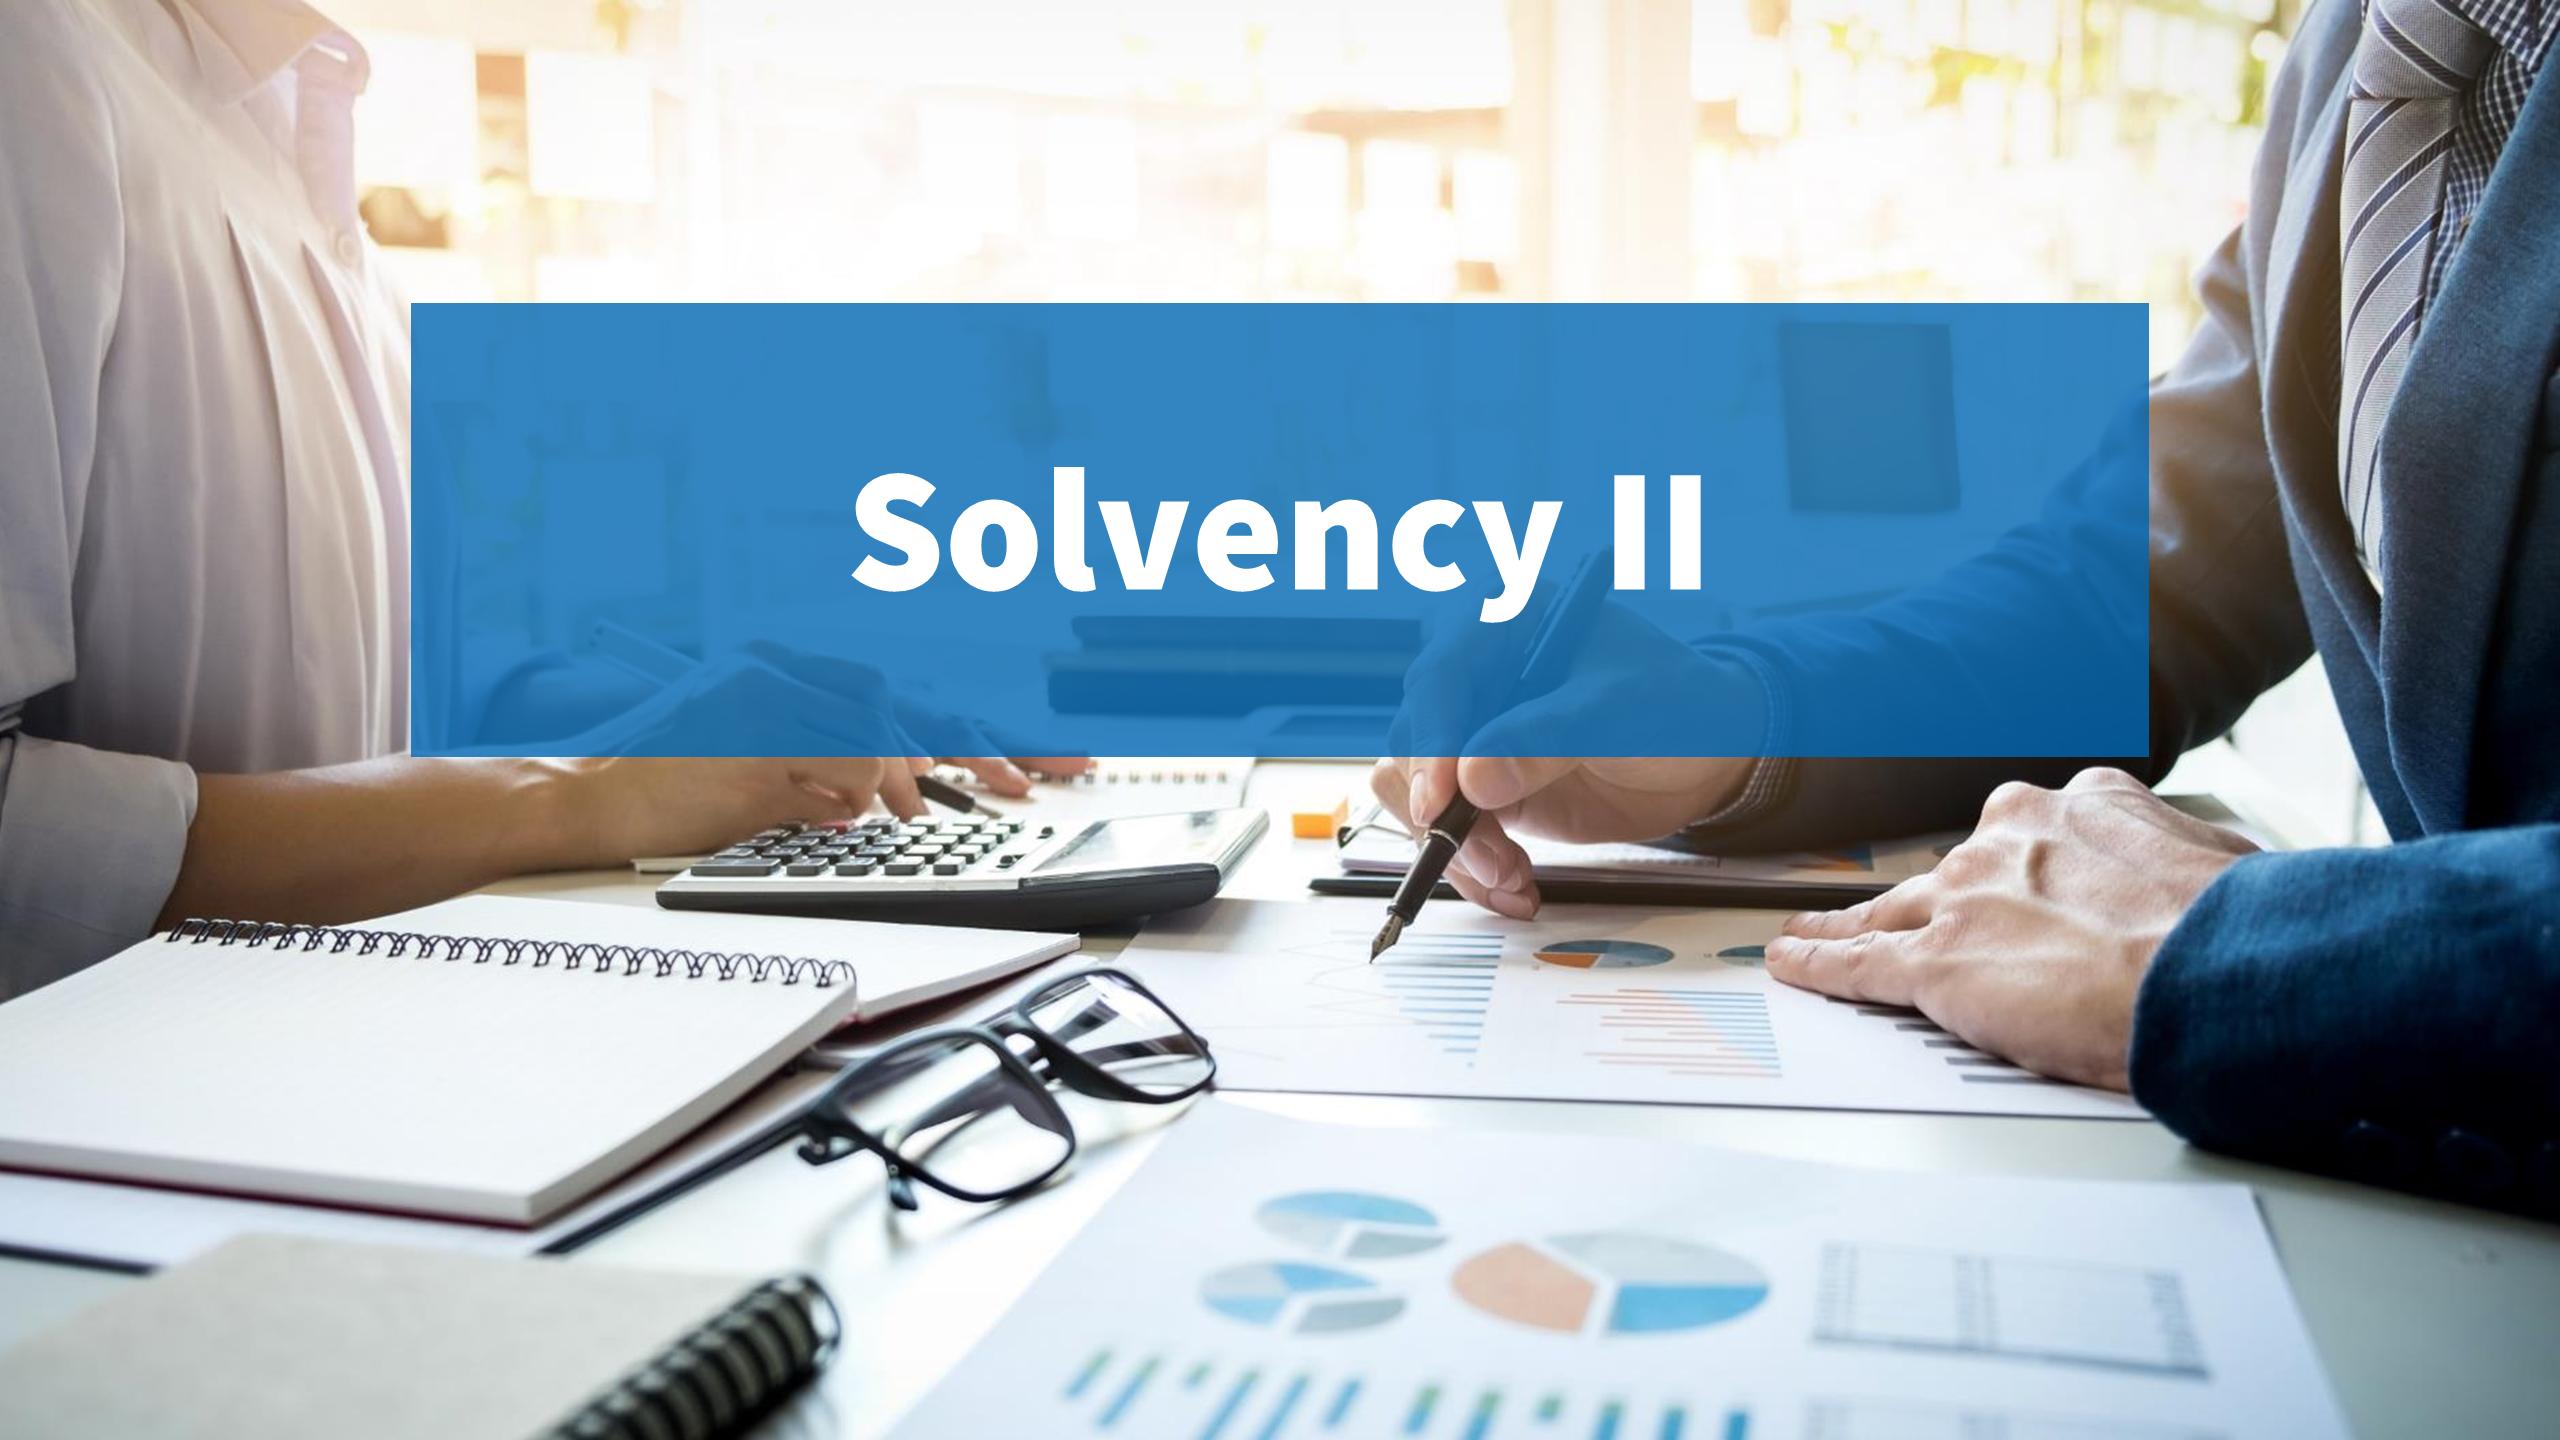 Web Based Training: Solvency II